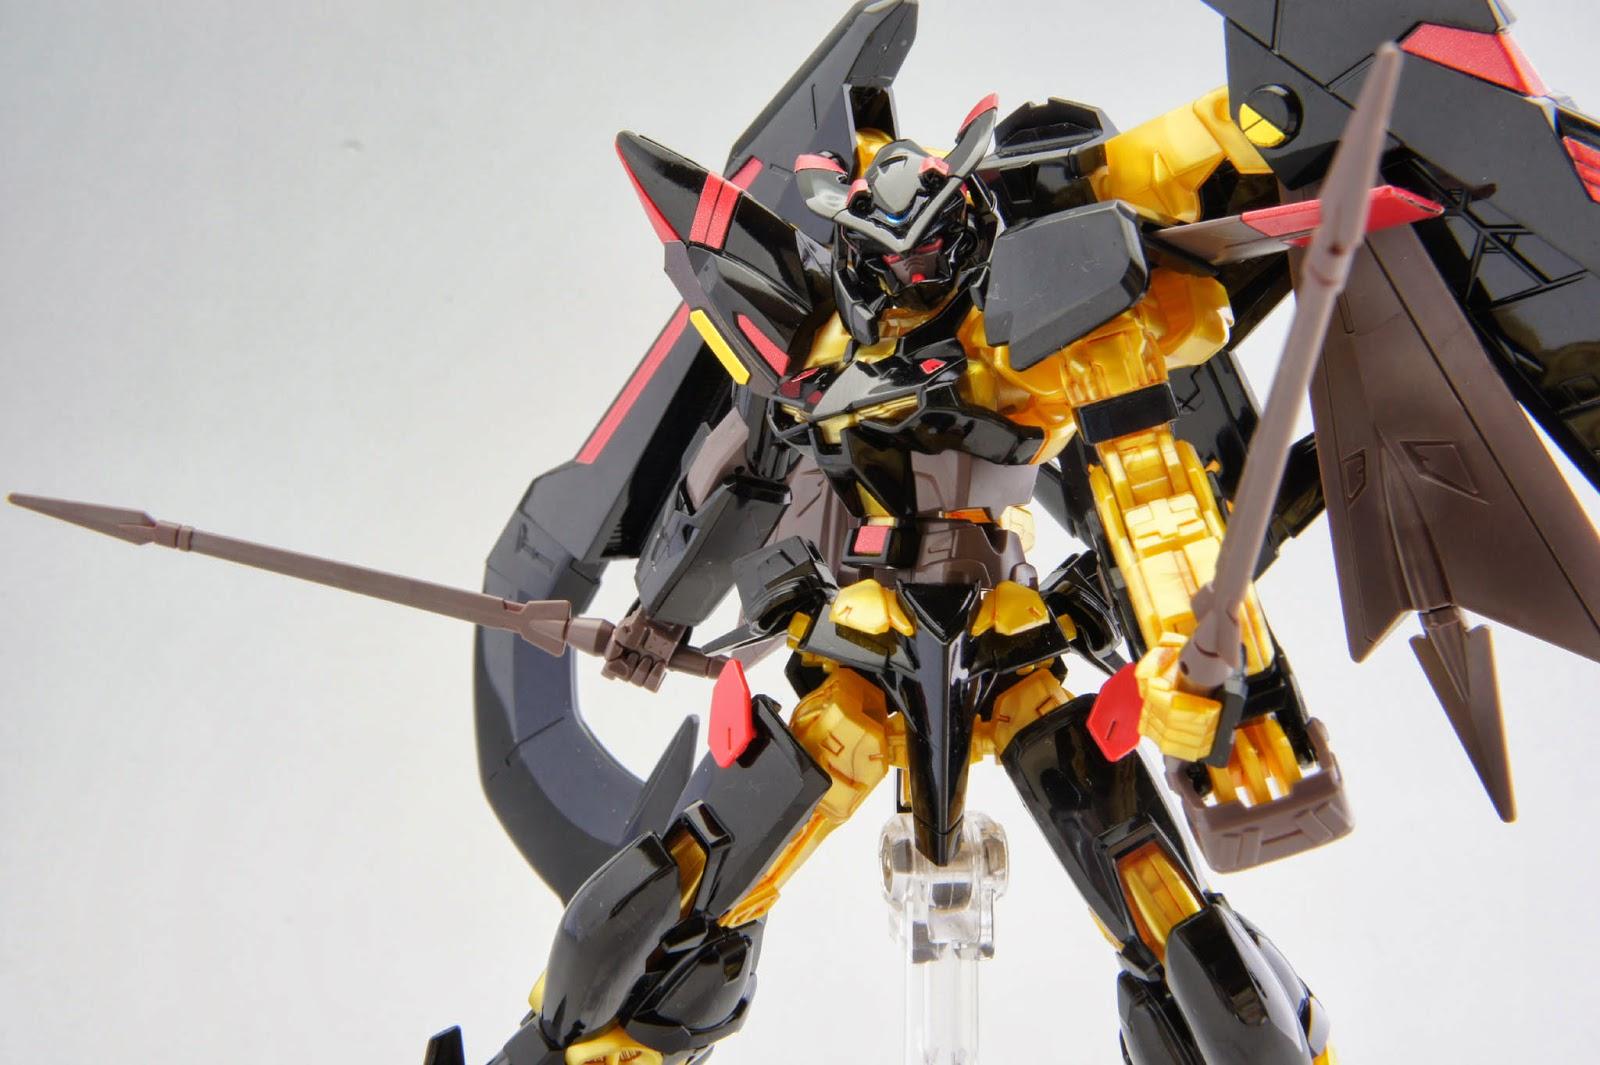 GUNDAM GUY: HG 1/144 Gundam Astray Gold Frame Amatsu Mina - Review ...